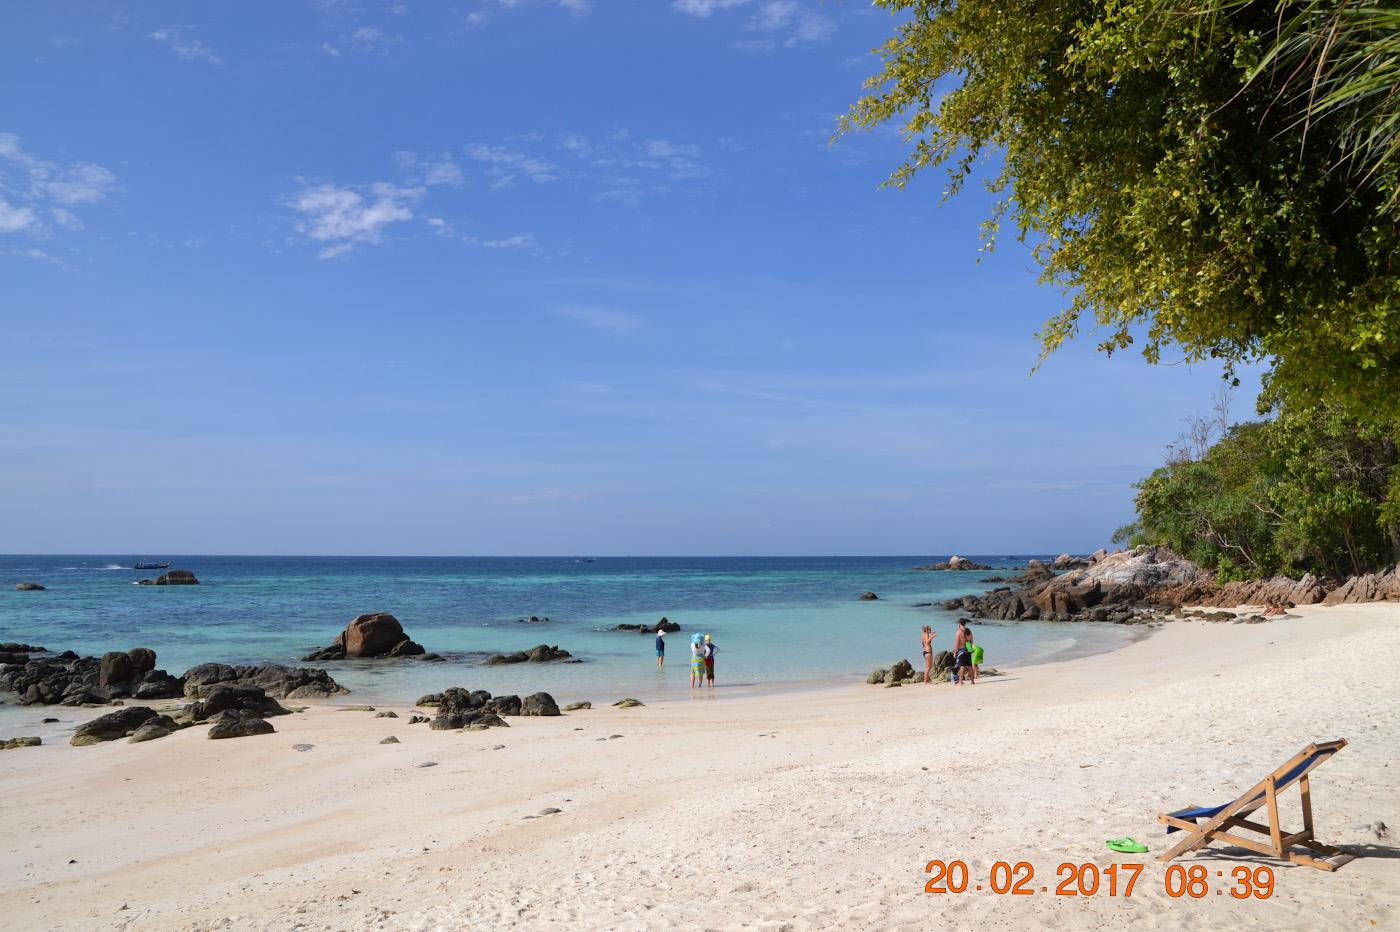 Фото 34. Пляж Саном на Ко Липе в Таиланде. 1/500, 11, 100, 55.